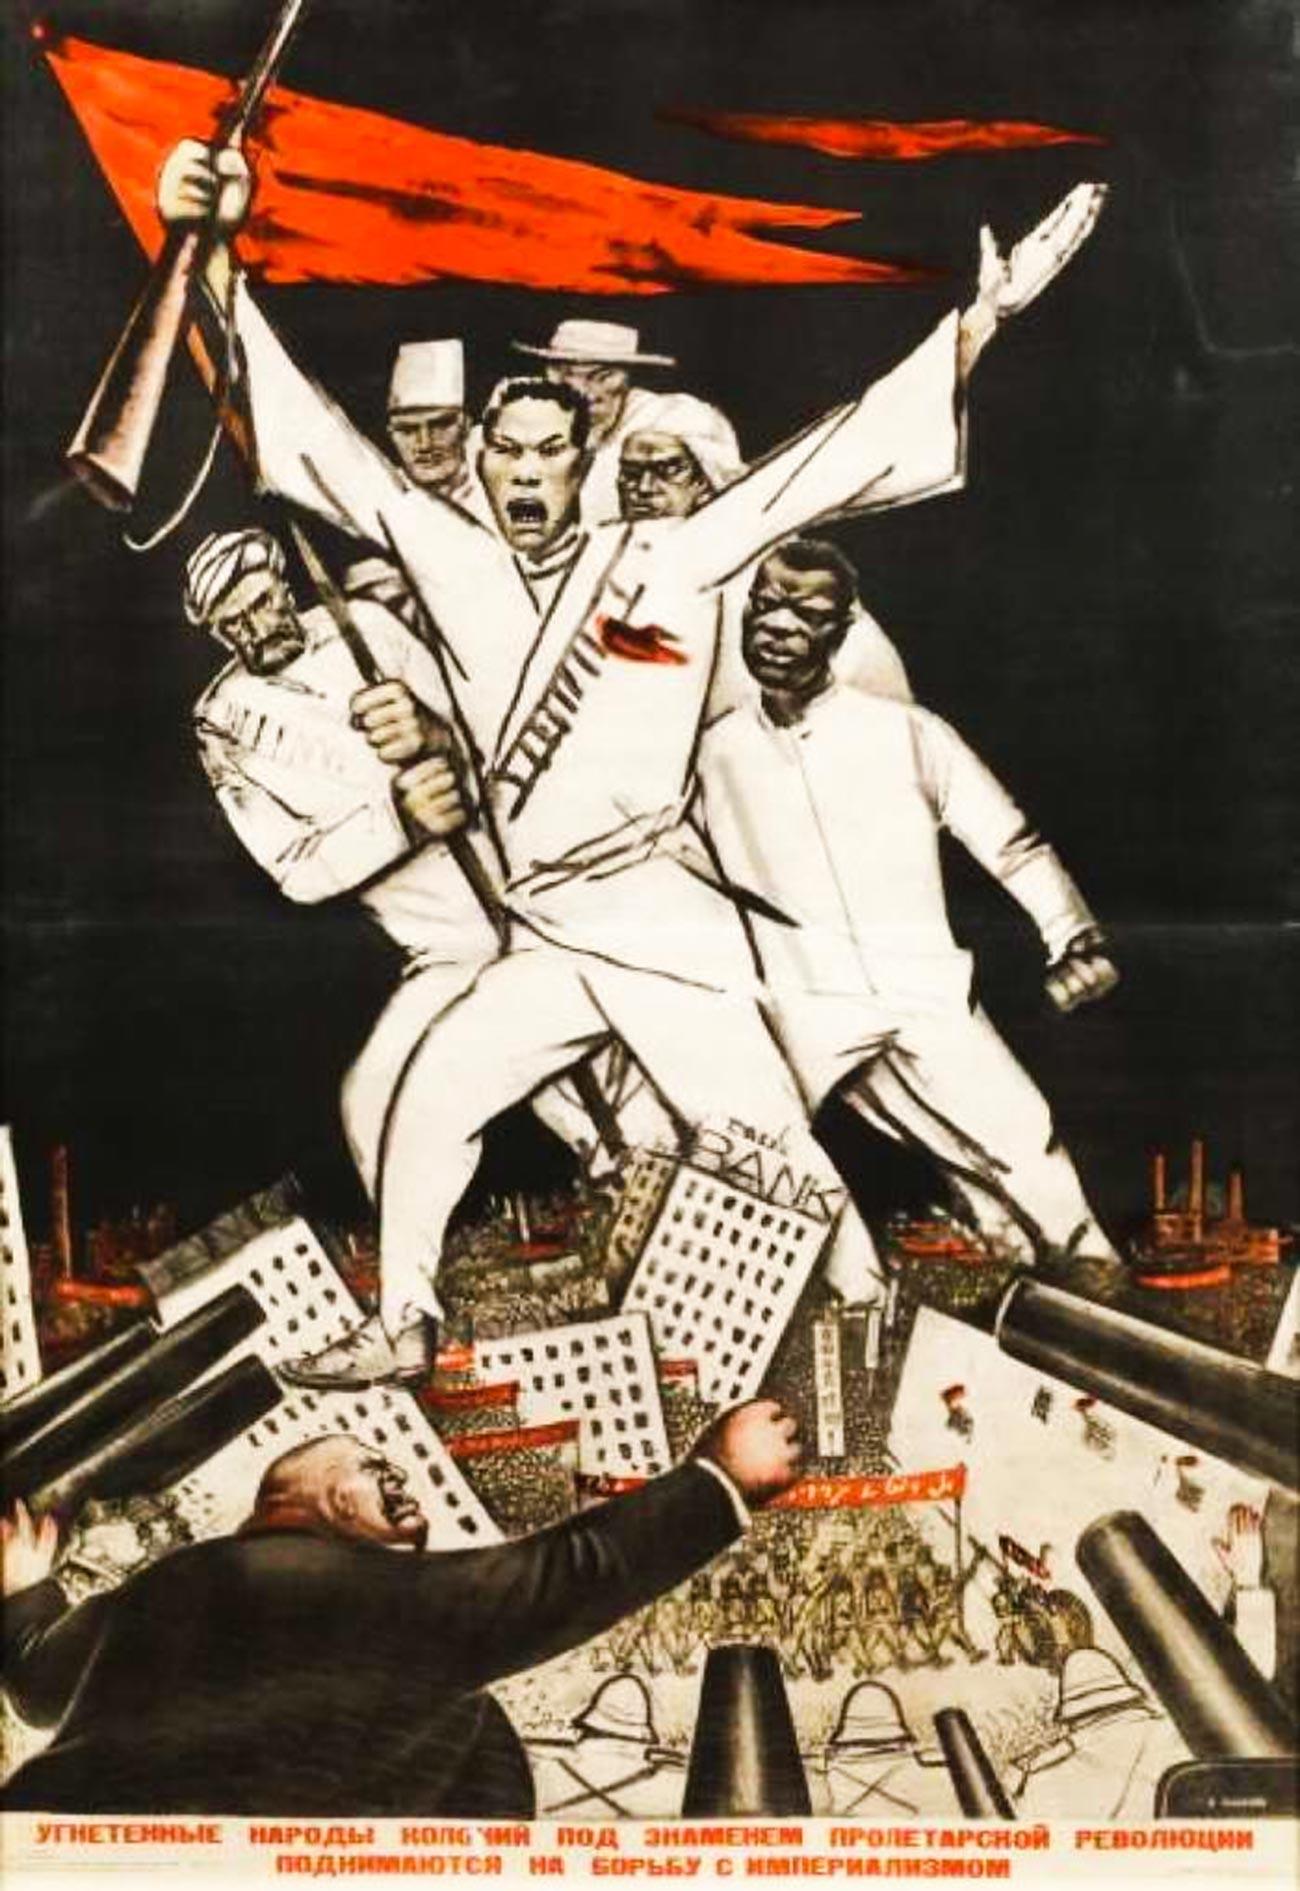 Les peuples coloniaux opprimés se lèvent pour la lutte contre l'impérialisme sous la bannière de la révolution prolétarienne.